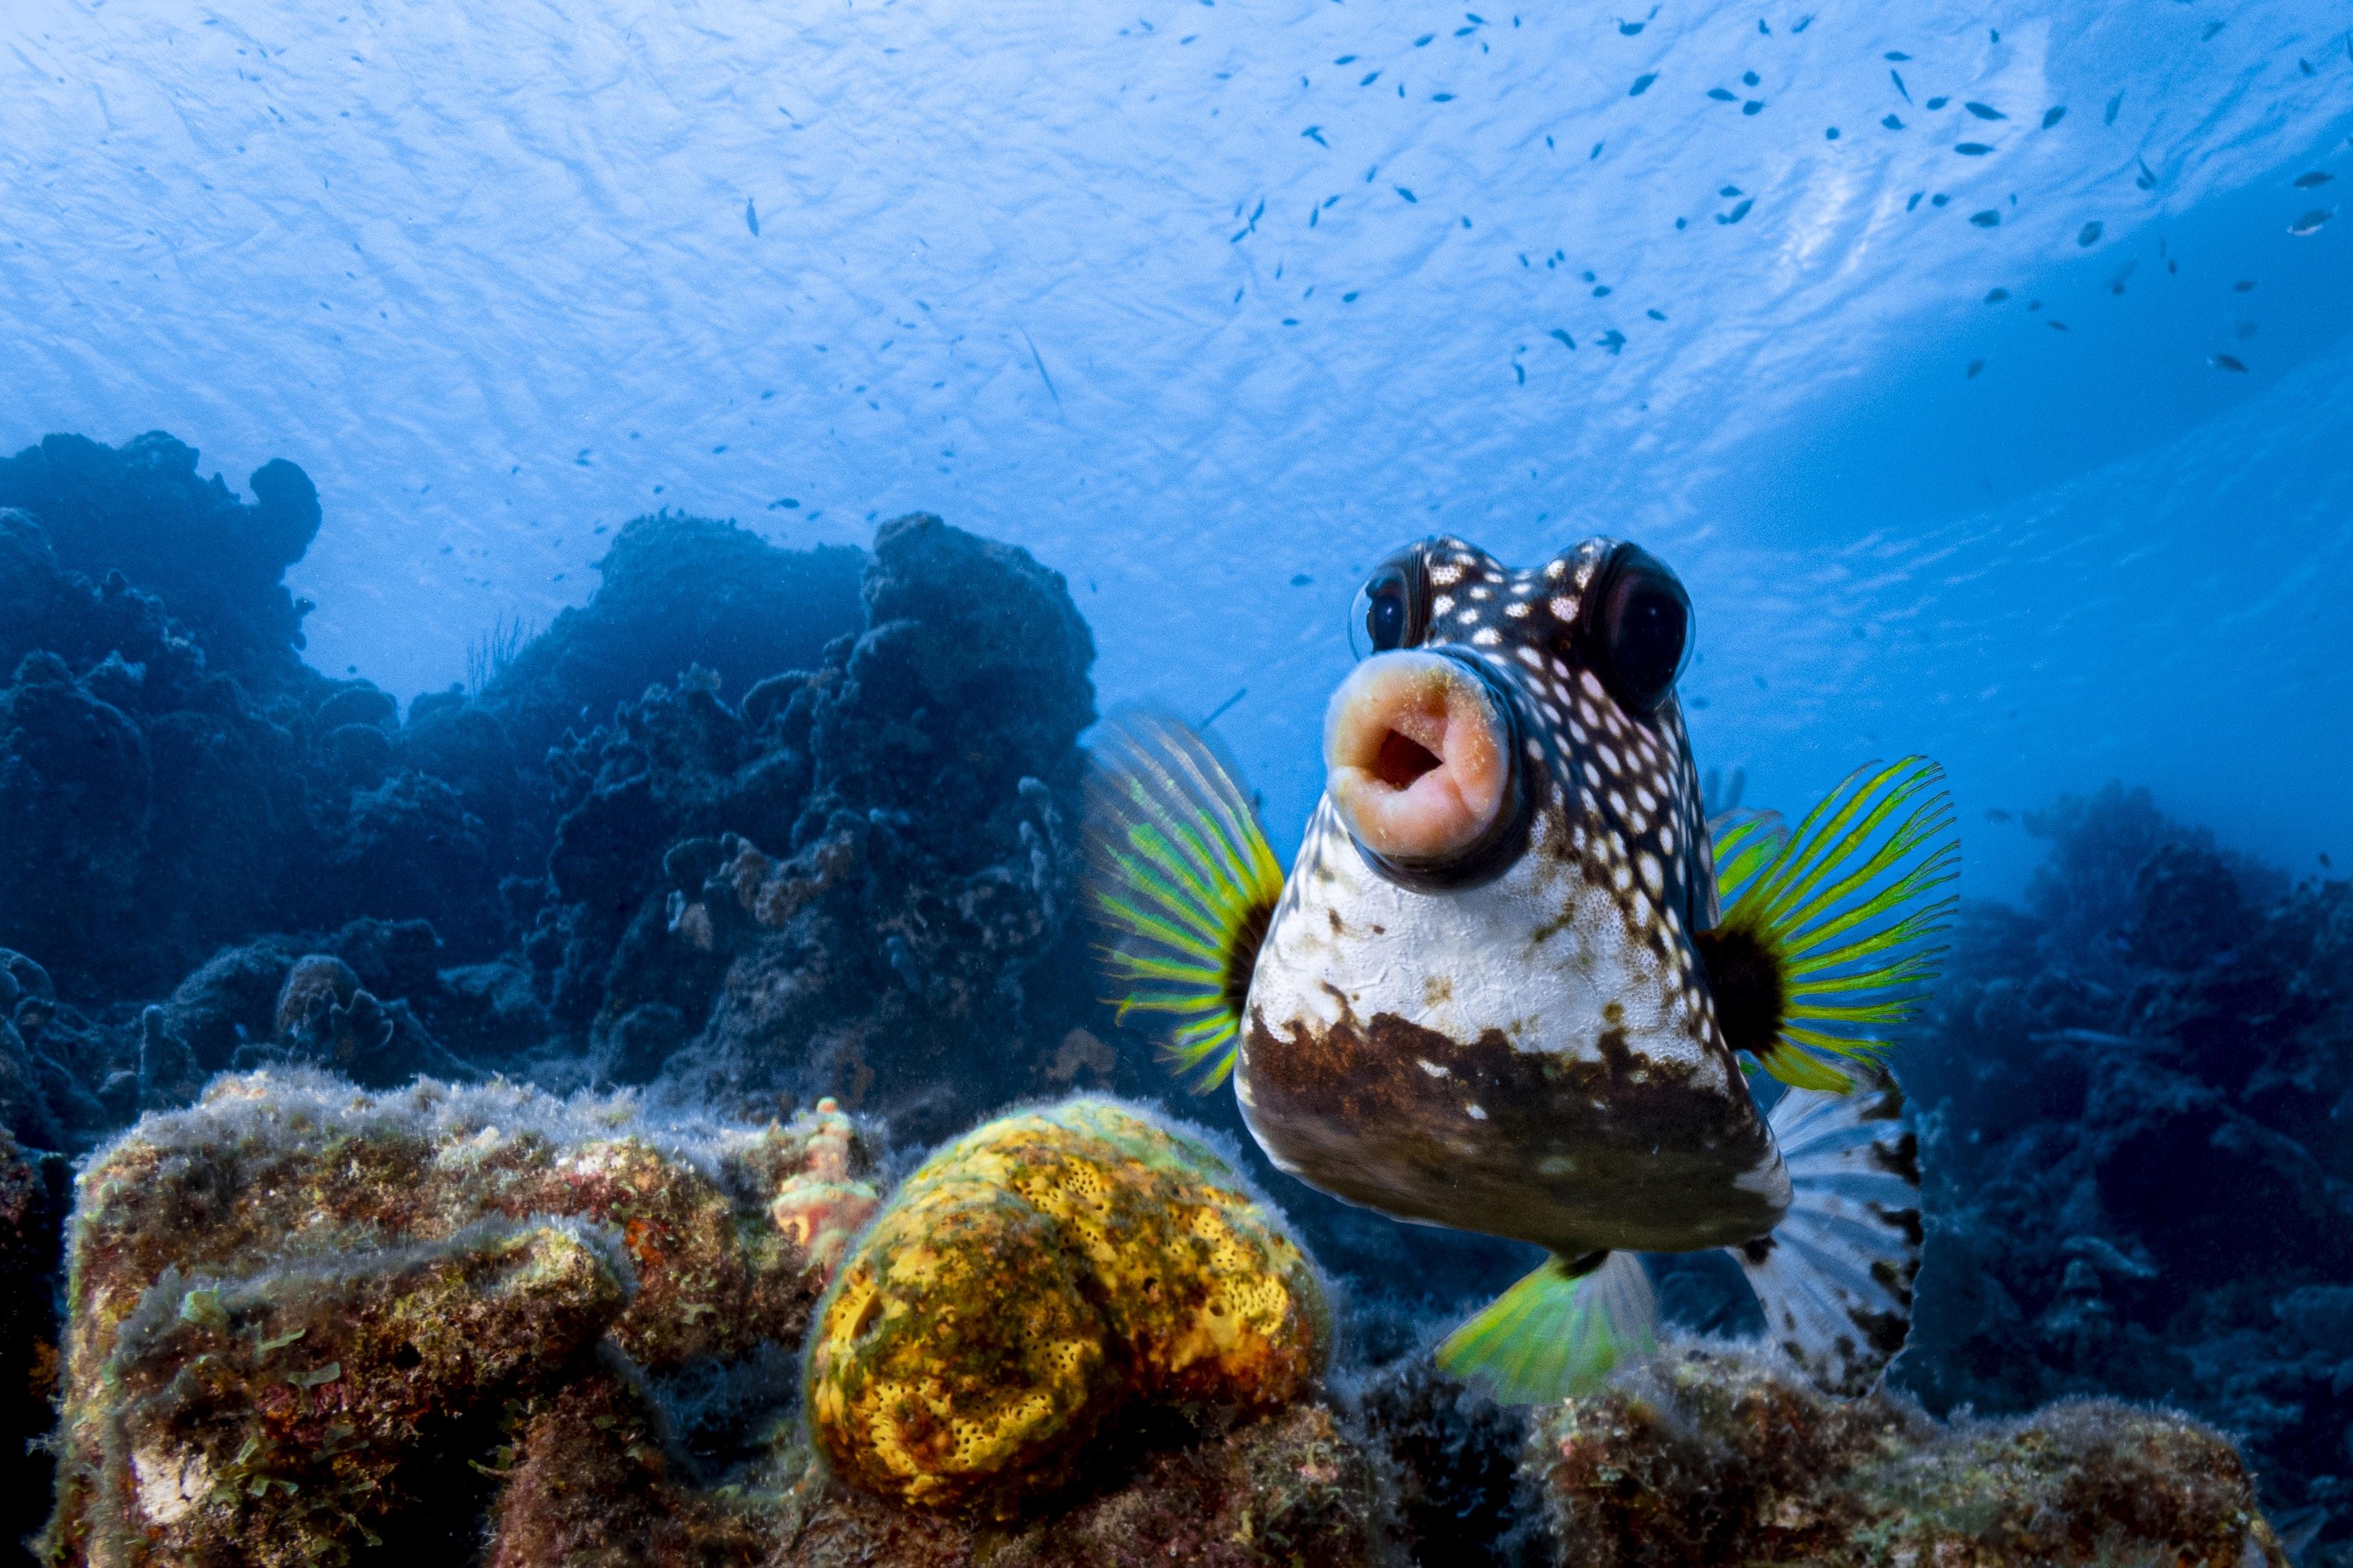 Seekor ikan berpose dengan mulut monyong